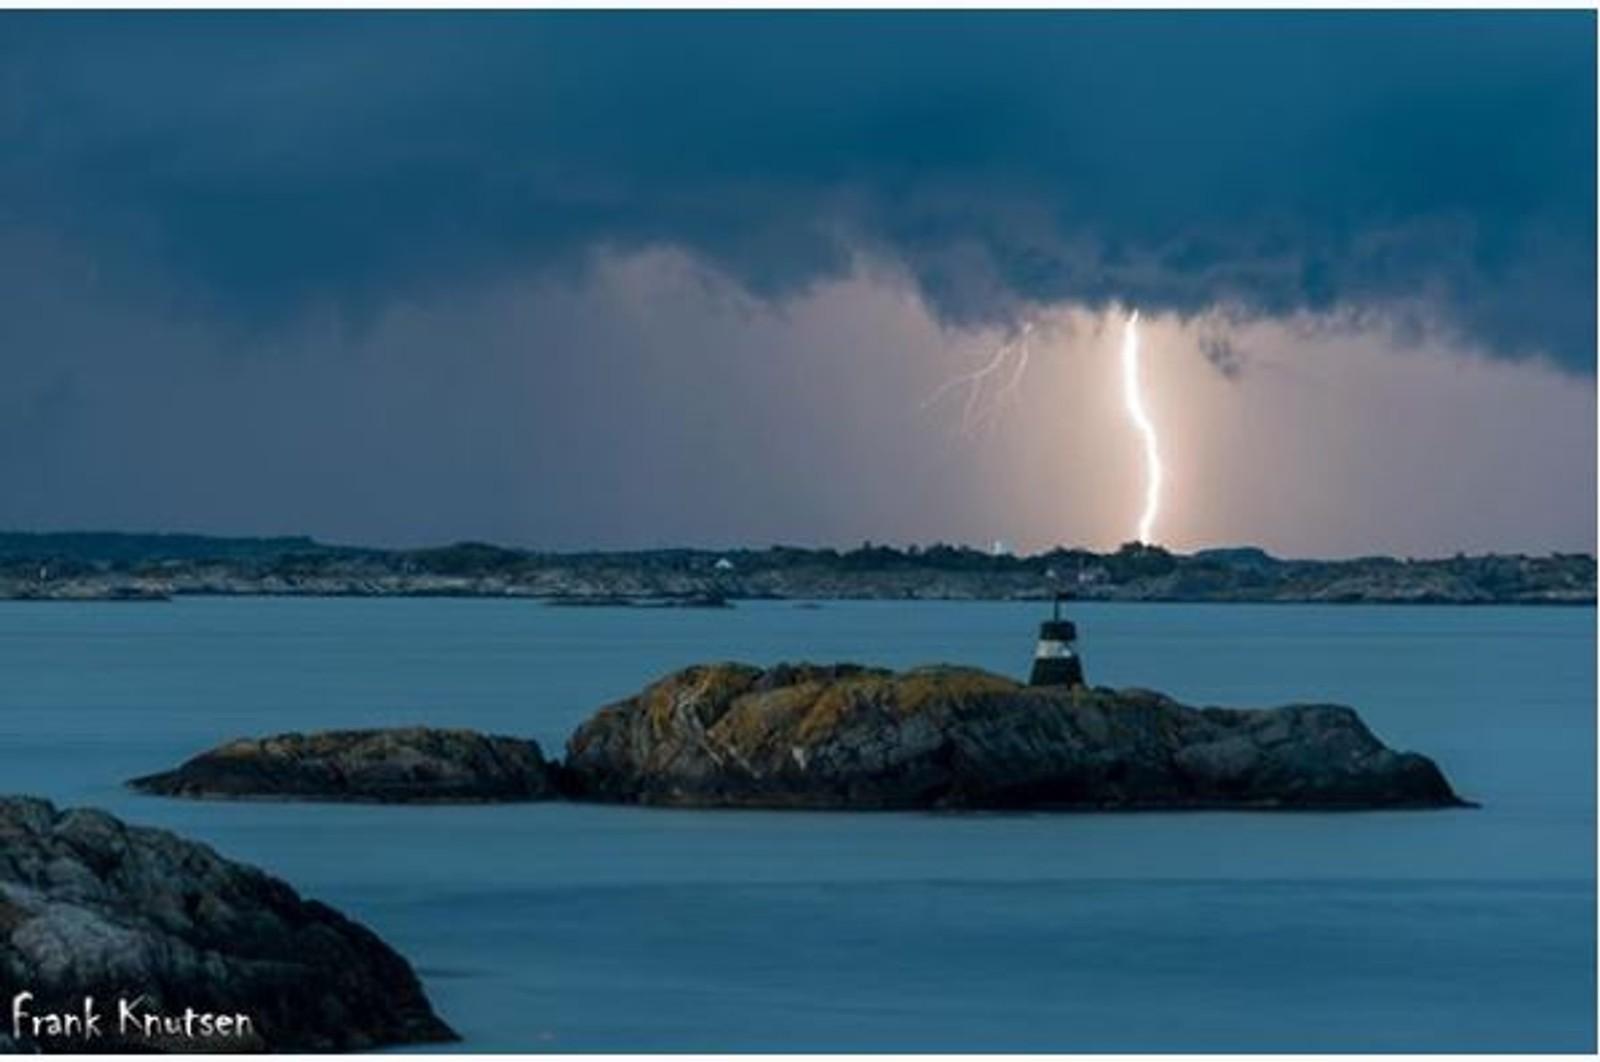 Holme i Homborsund med torden og lyn i bakgrunnen. - Fantastisk farger å se på god avstand, skriver fotografen som har delt bildet med @nrksørlandet på Instagram.